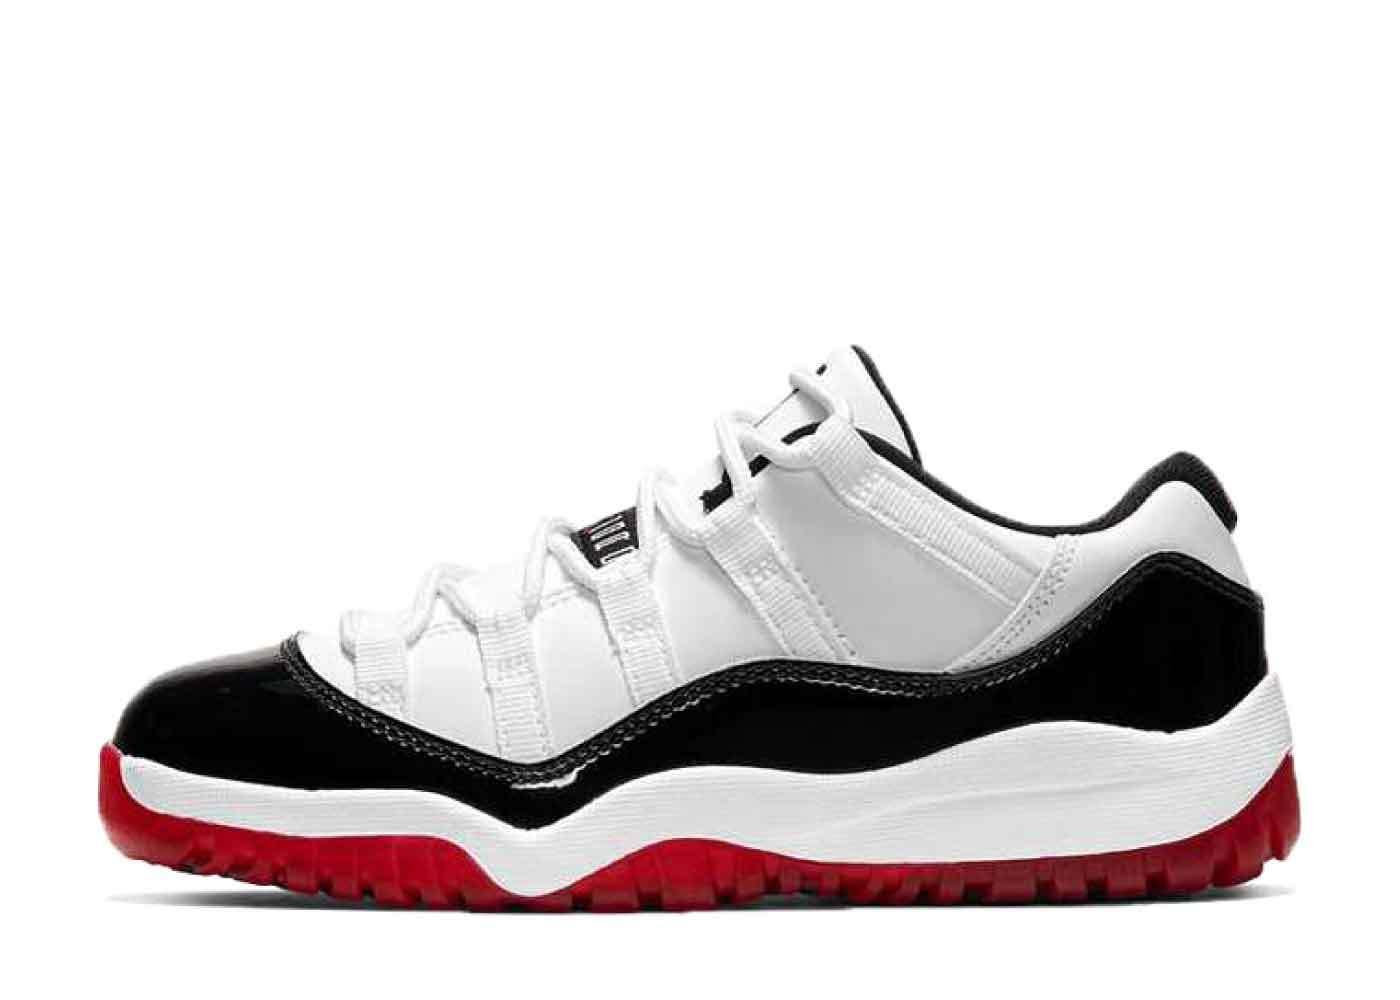 Nike Air Jordan 11 Low White Bred Little Kidsの写真